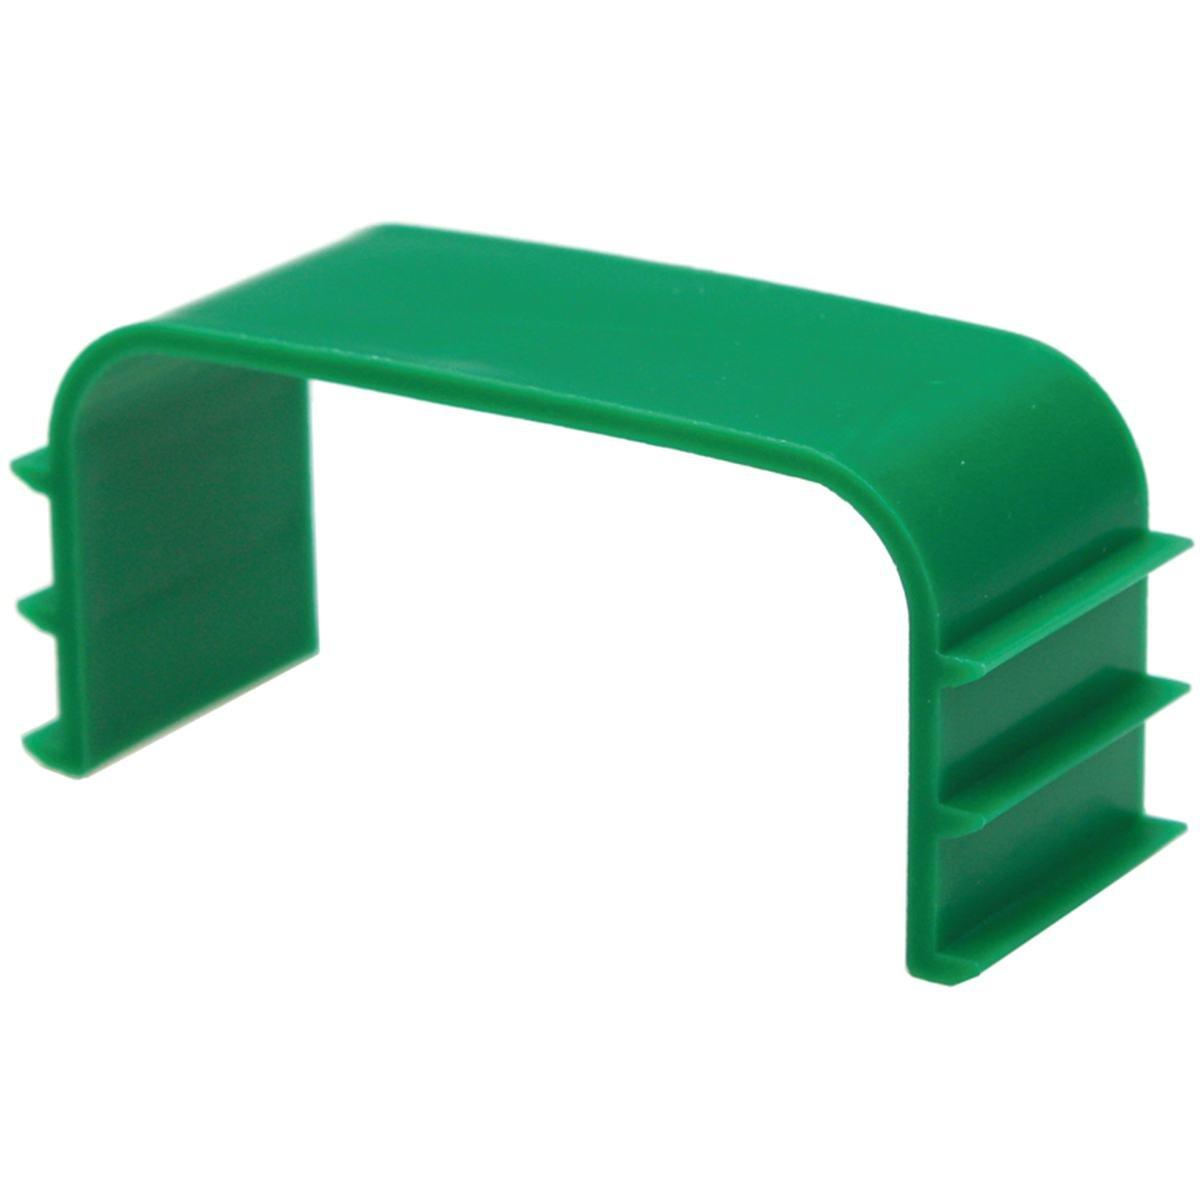 Kanalklämma invändig 80 x 60 mm låda med 25 st.